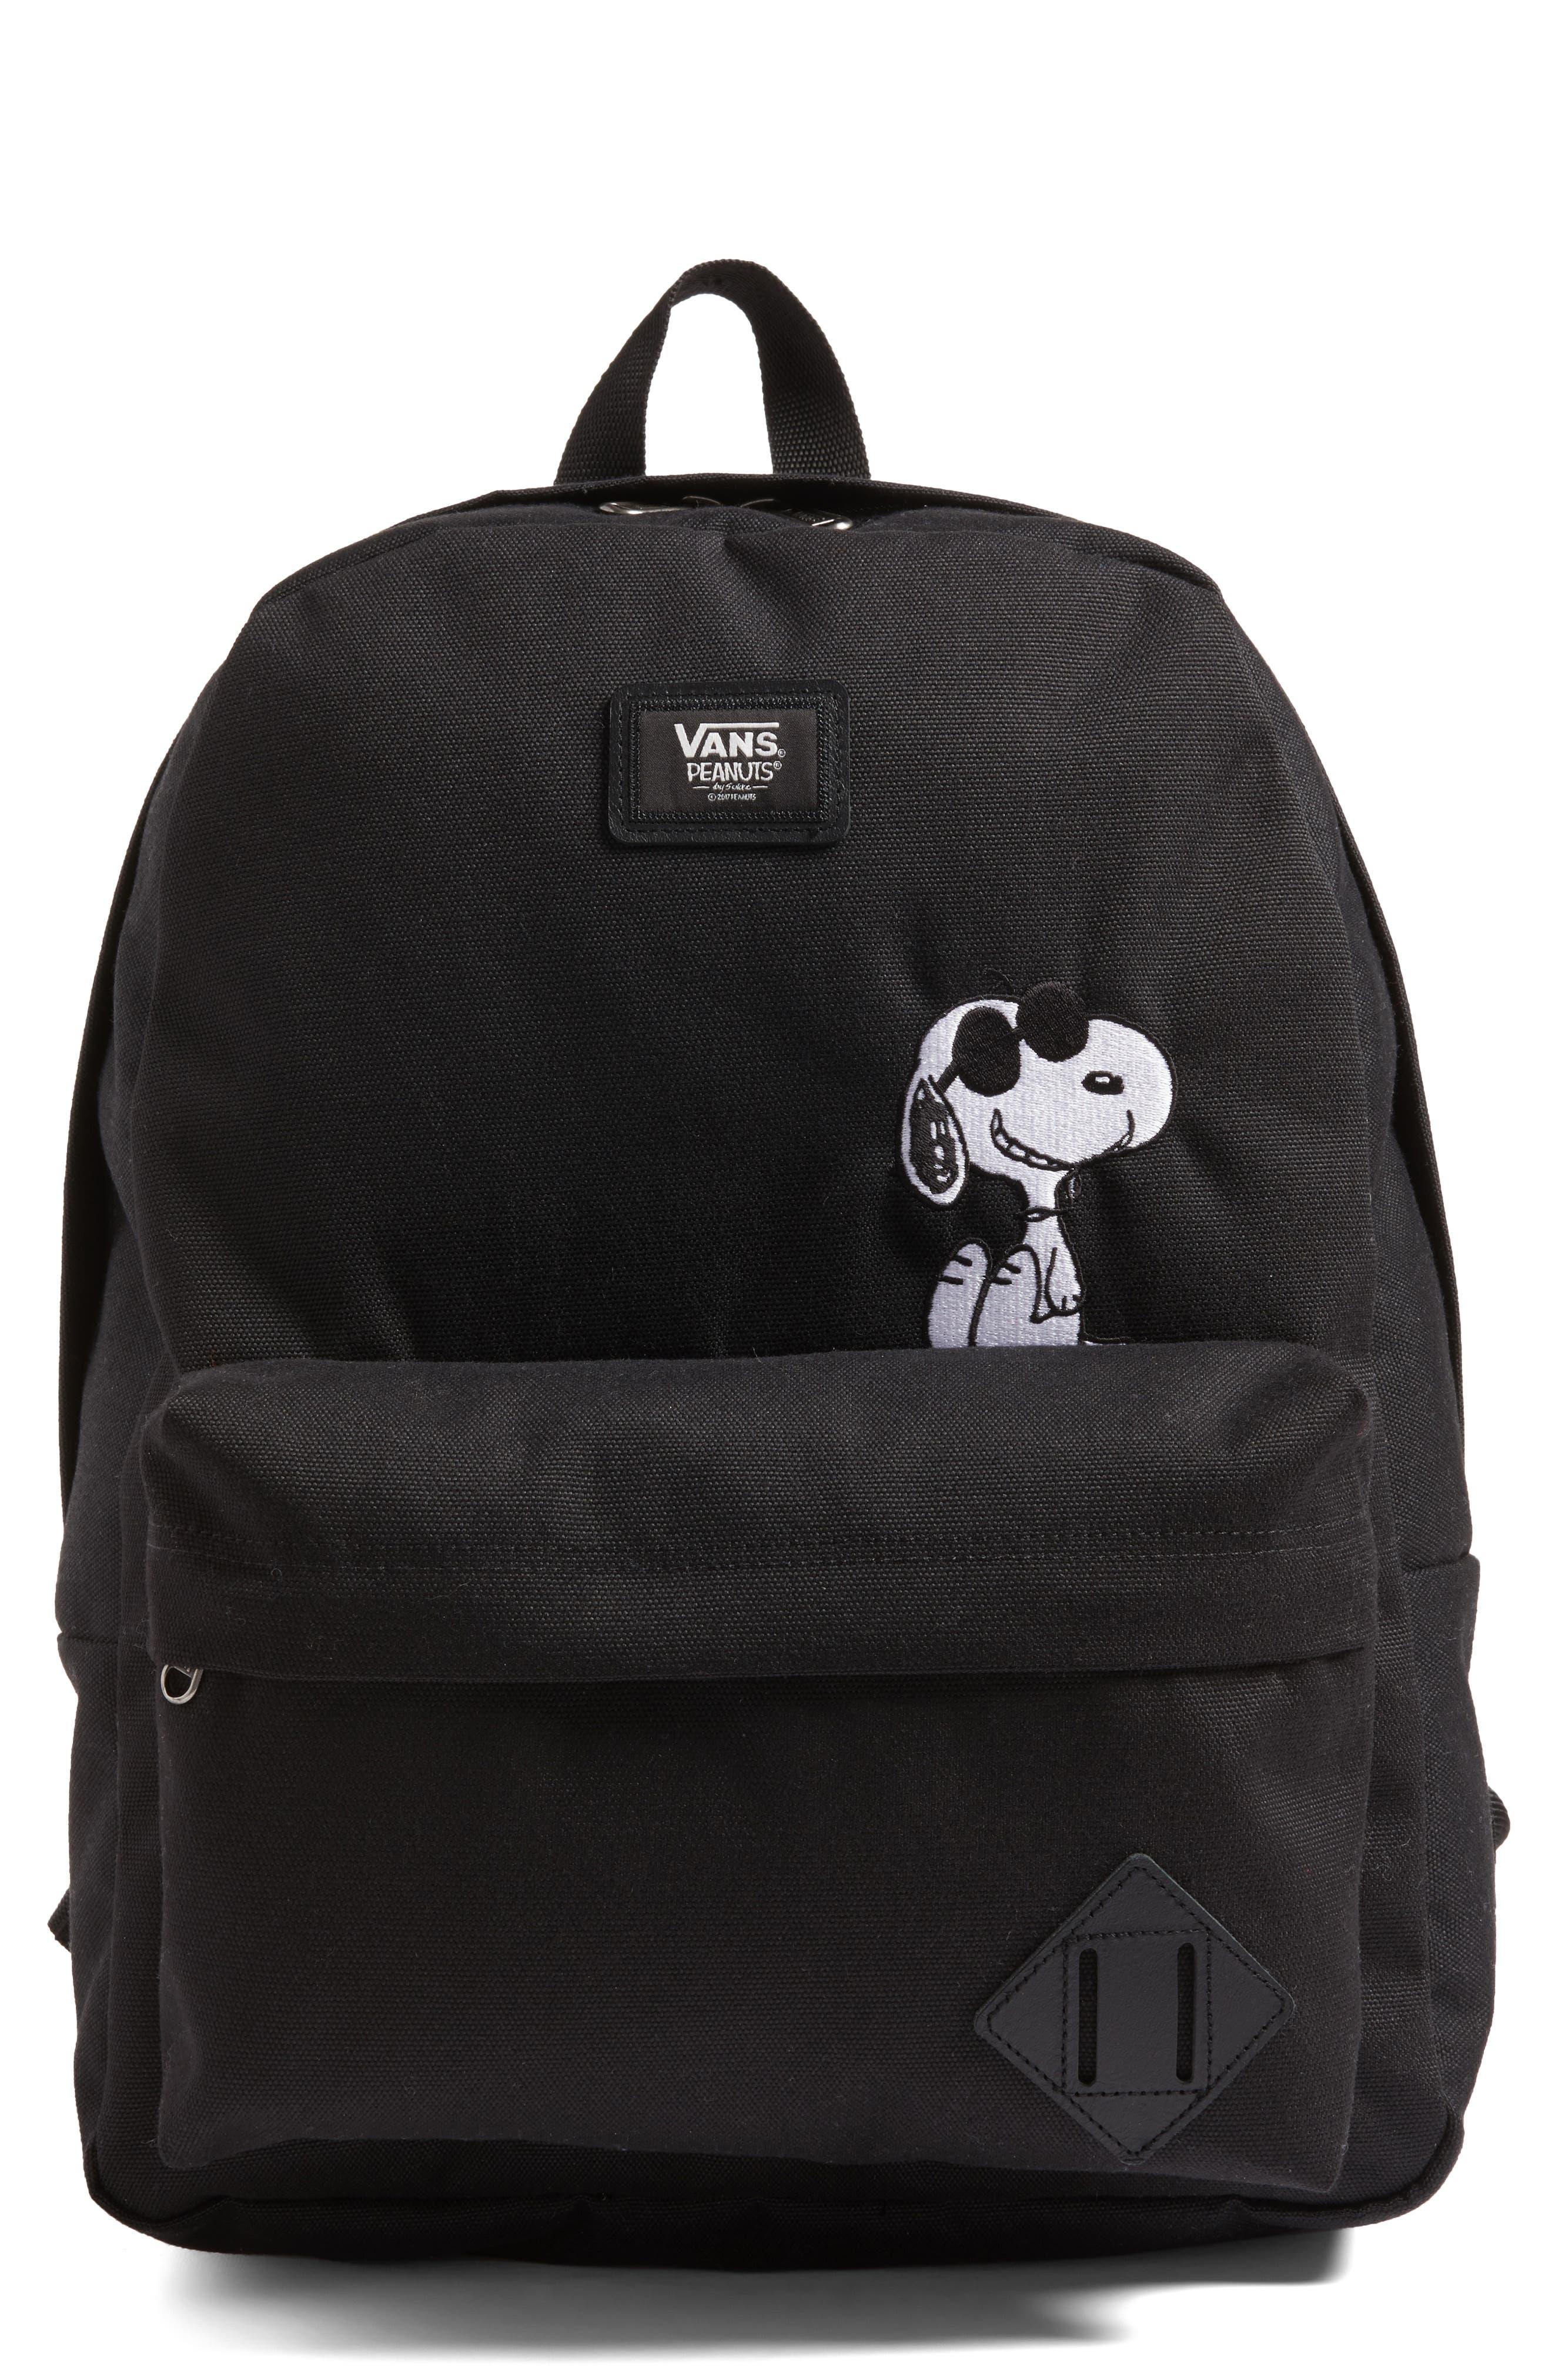 Kids' Backpacks Bags | Nordstrom